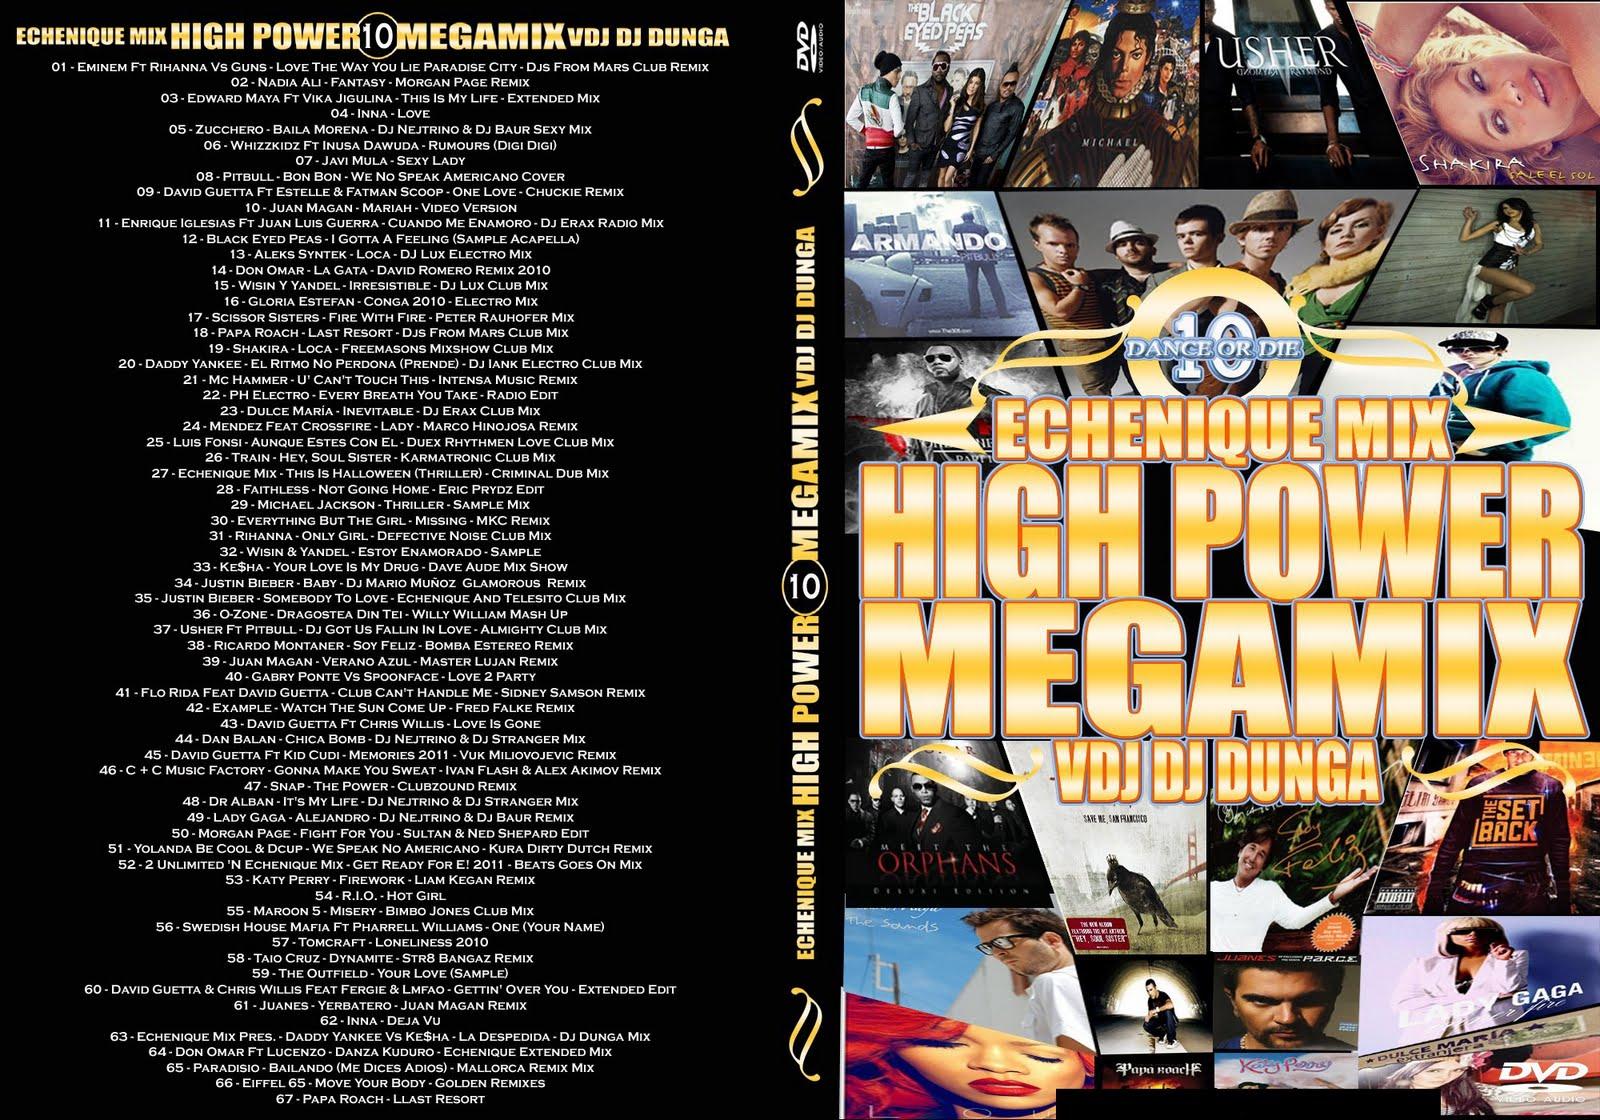 http://1.bp.blogspot.com/-DyuROmnCyAo/Tiyd3zk3ghI/AAAAAAAAXK0/BO7TDA_nMYo/s1600/03+-+COVER+HIGH+POWER.jpg